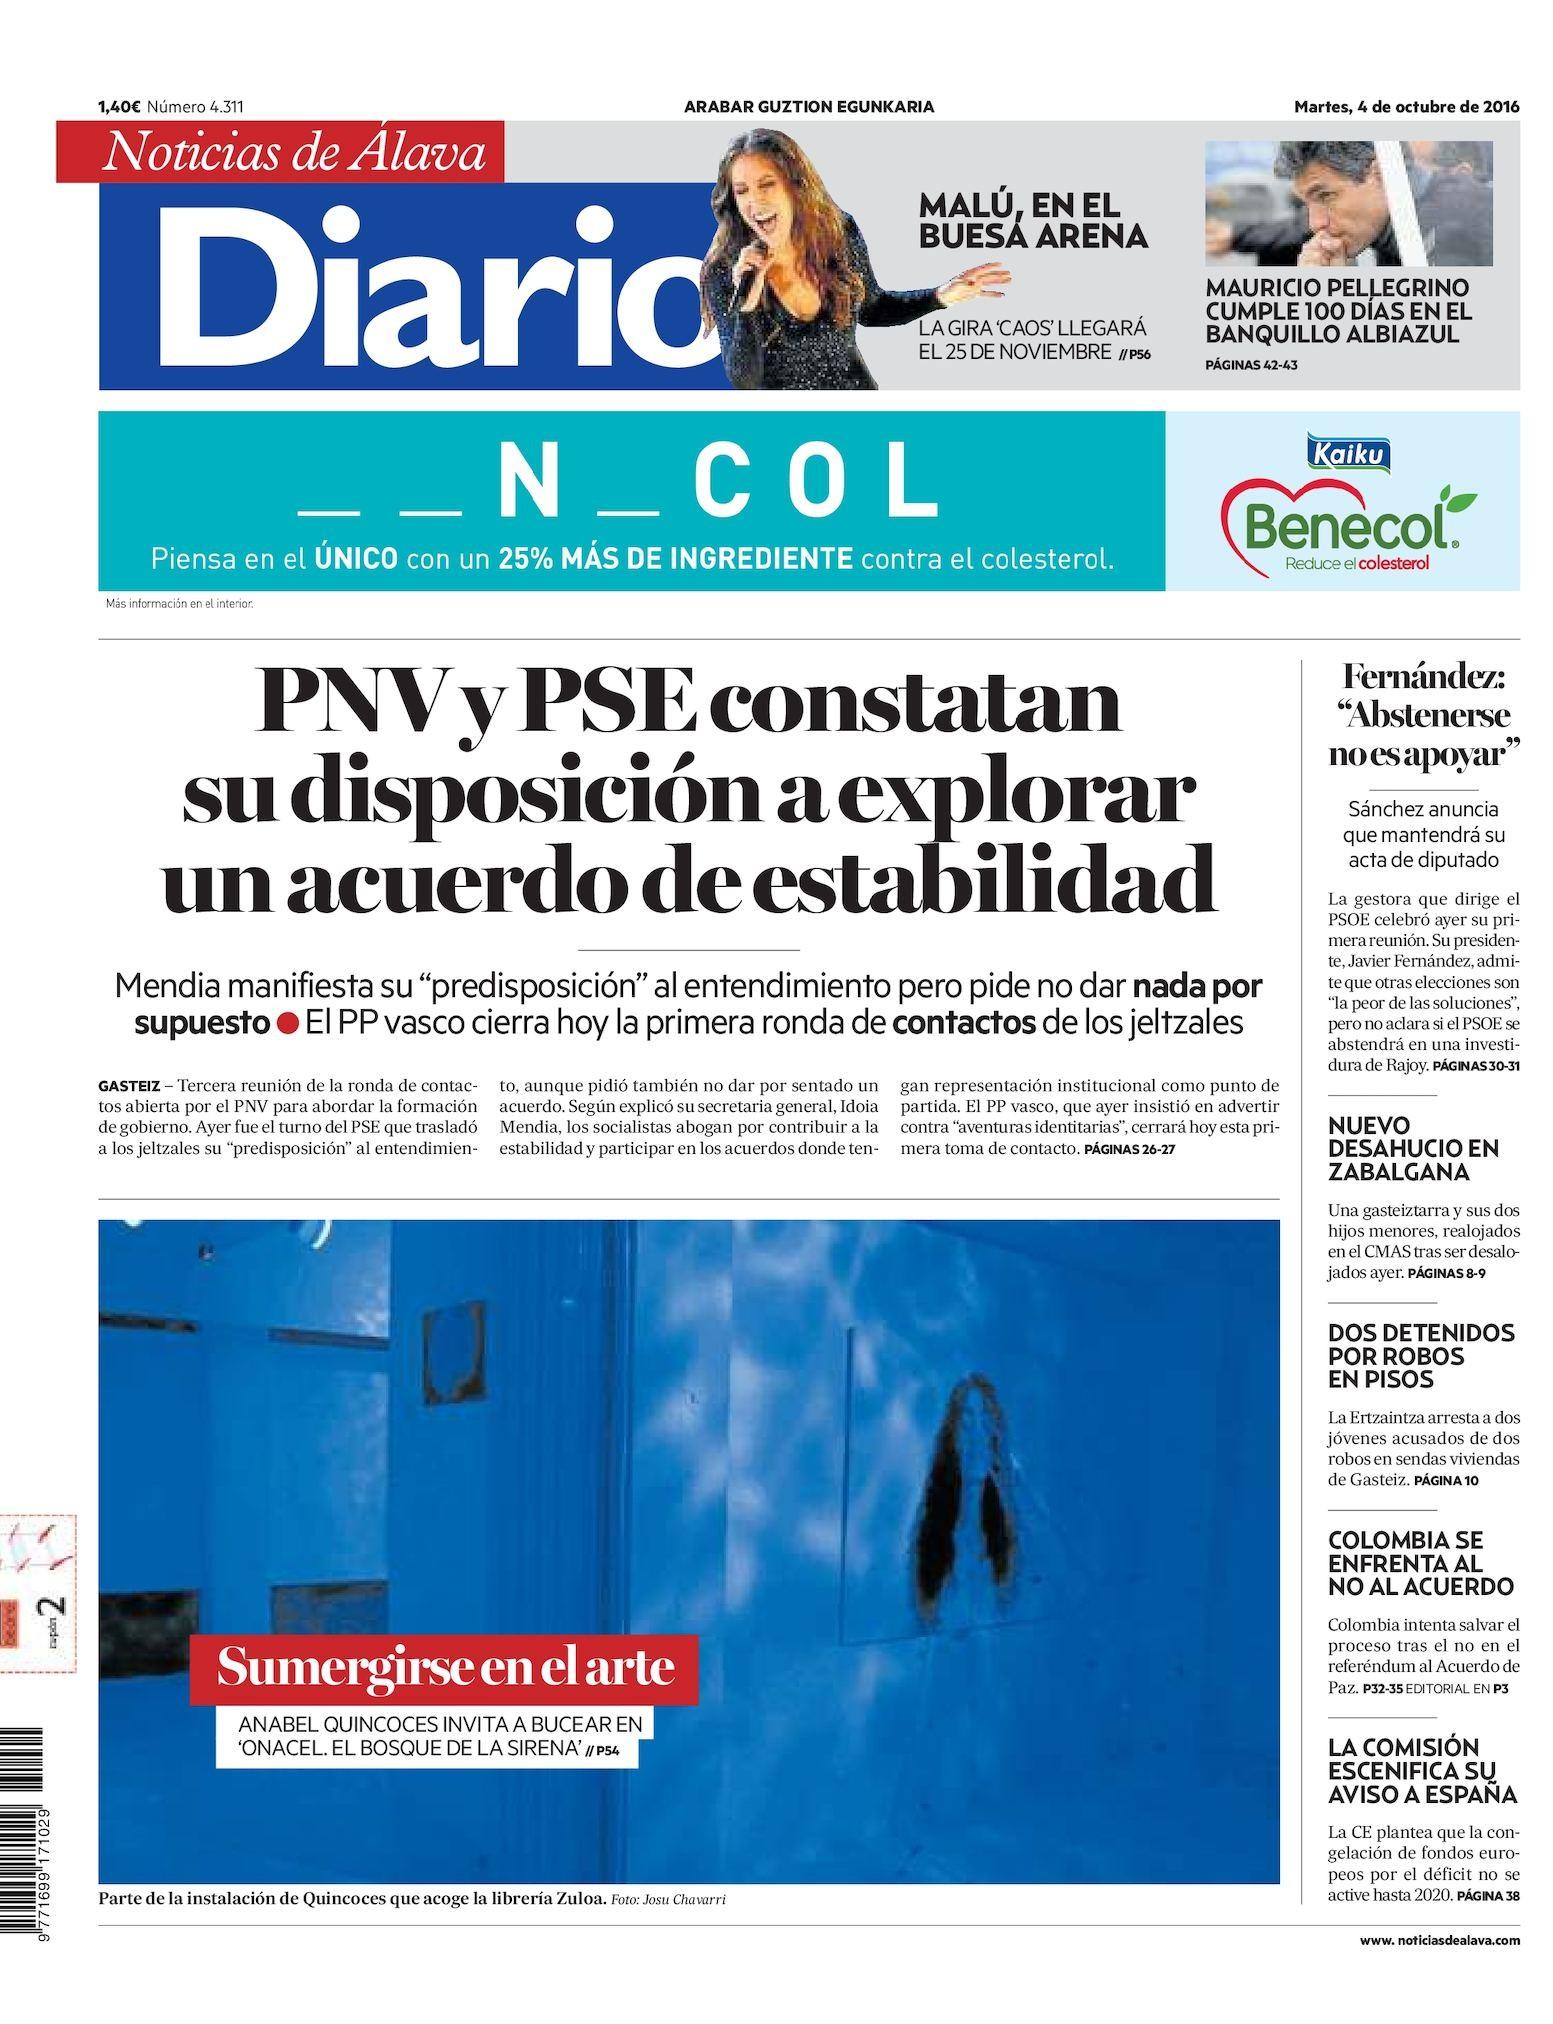 Calendario Escolar 2019 Albacete Más Populares Calaméo Diario De Noticias De lava Of Calendario Escolar 2019 Albacete Más Reciente Calaméo Noticias De Gipuzkoa